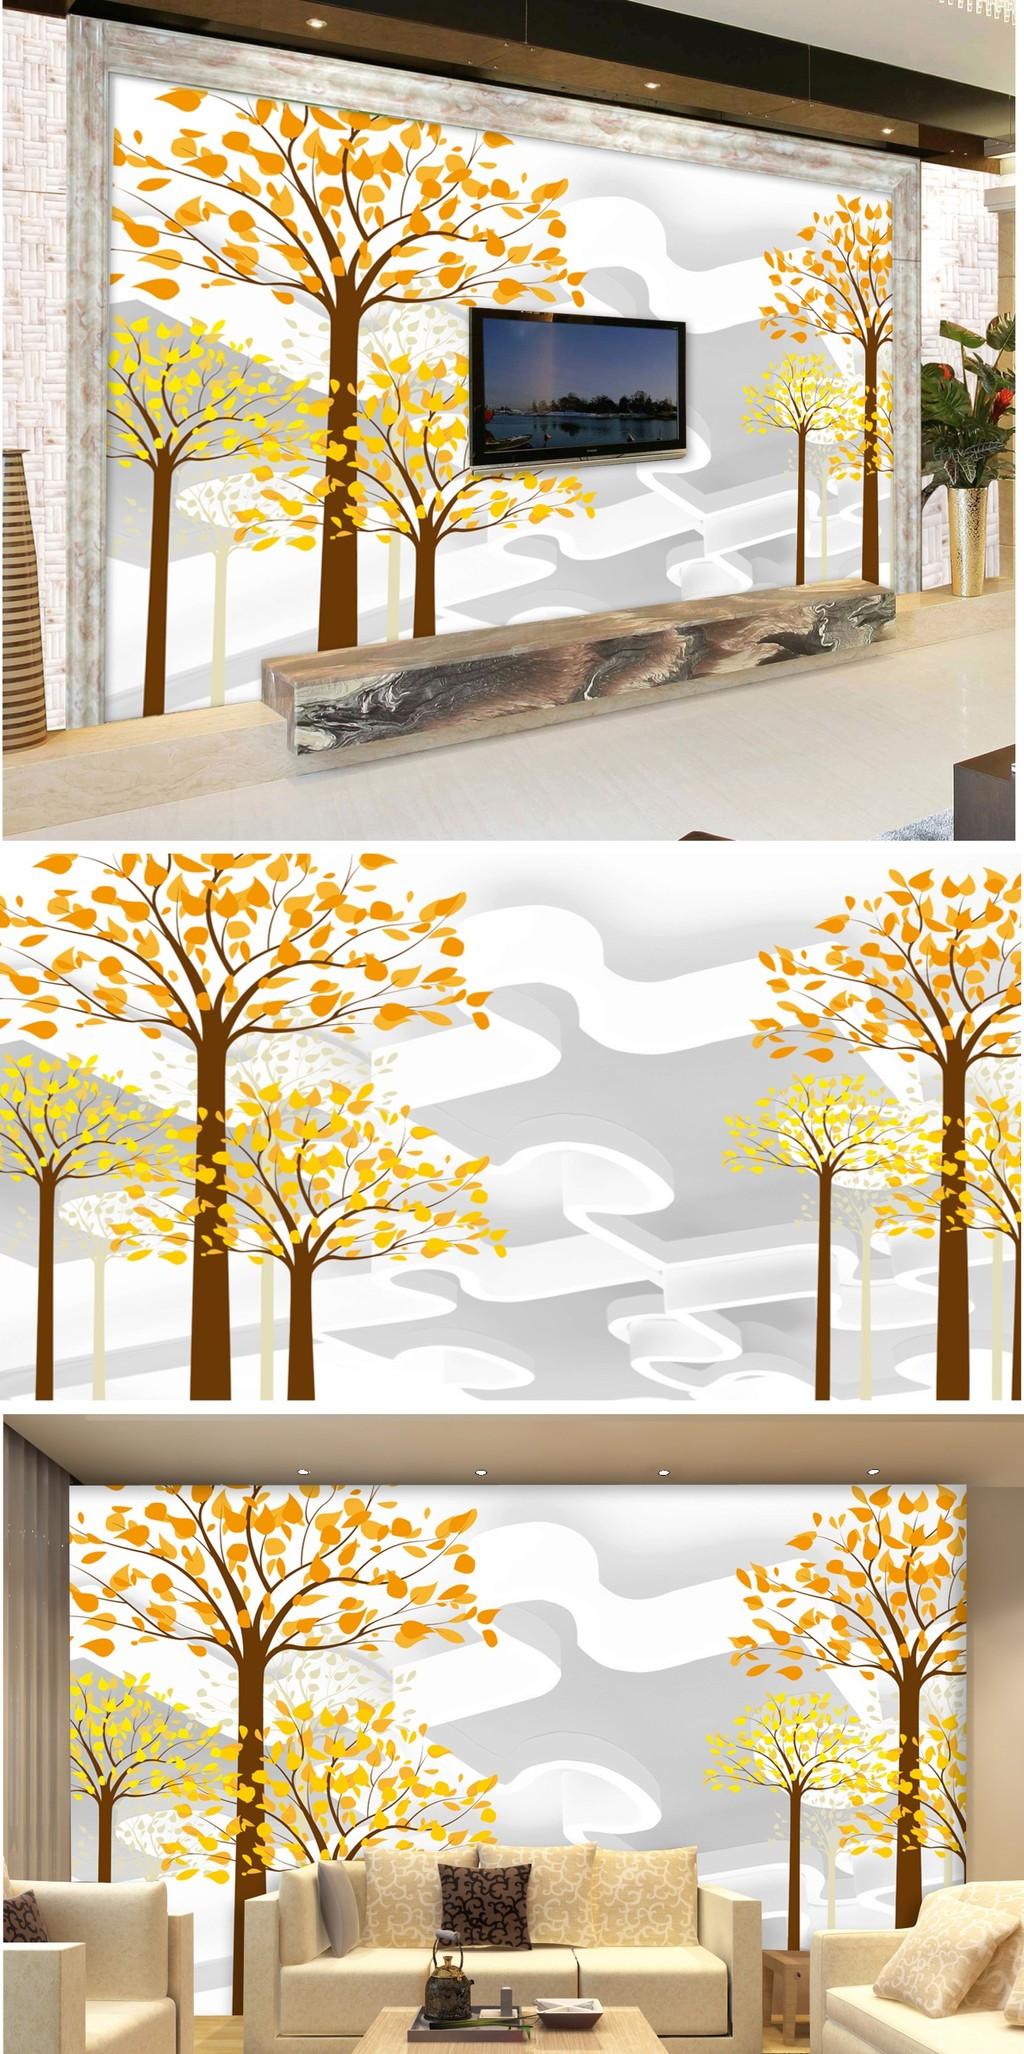 3d立体手绘大树电视背景墙装饰画设计